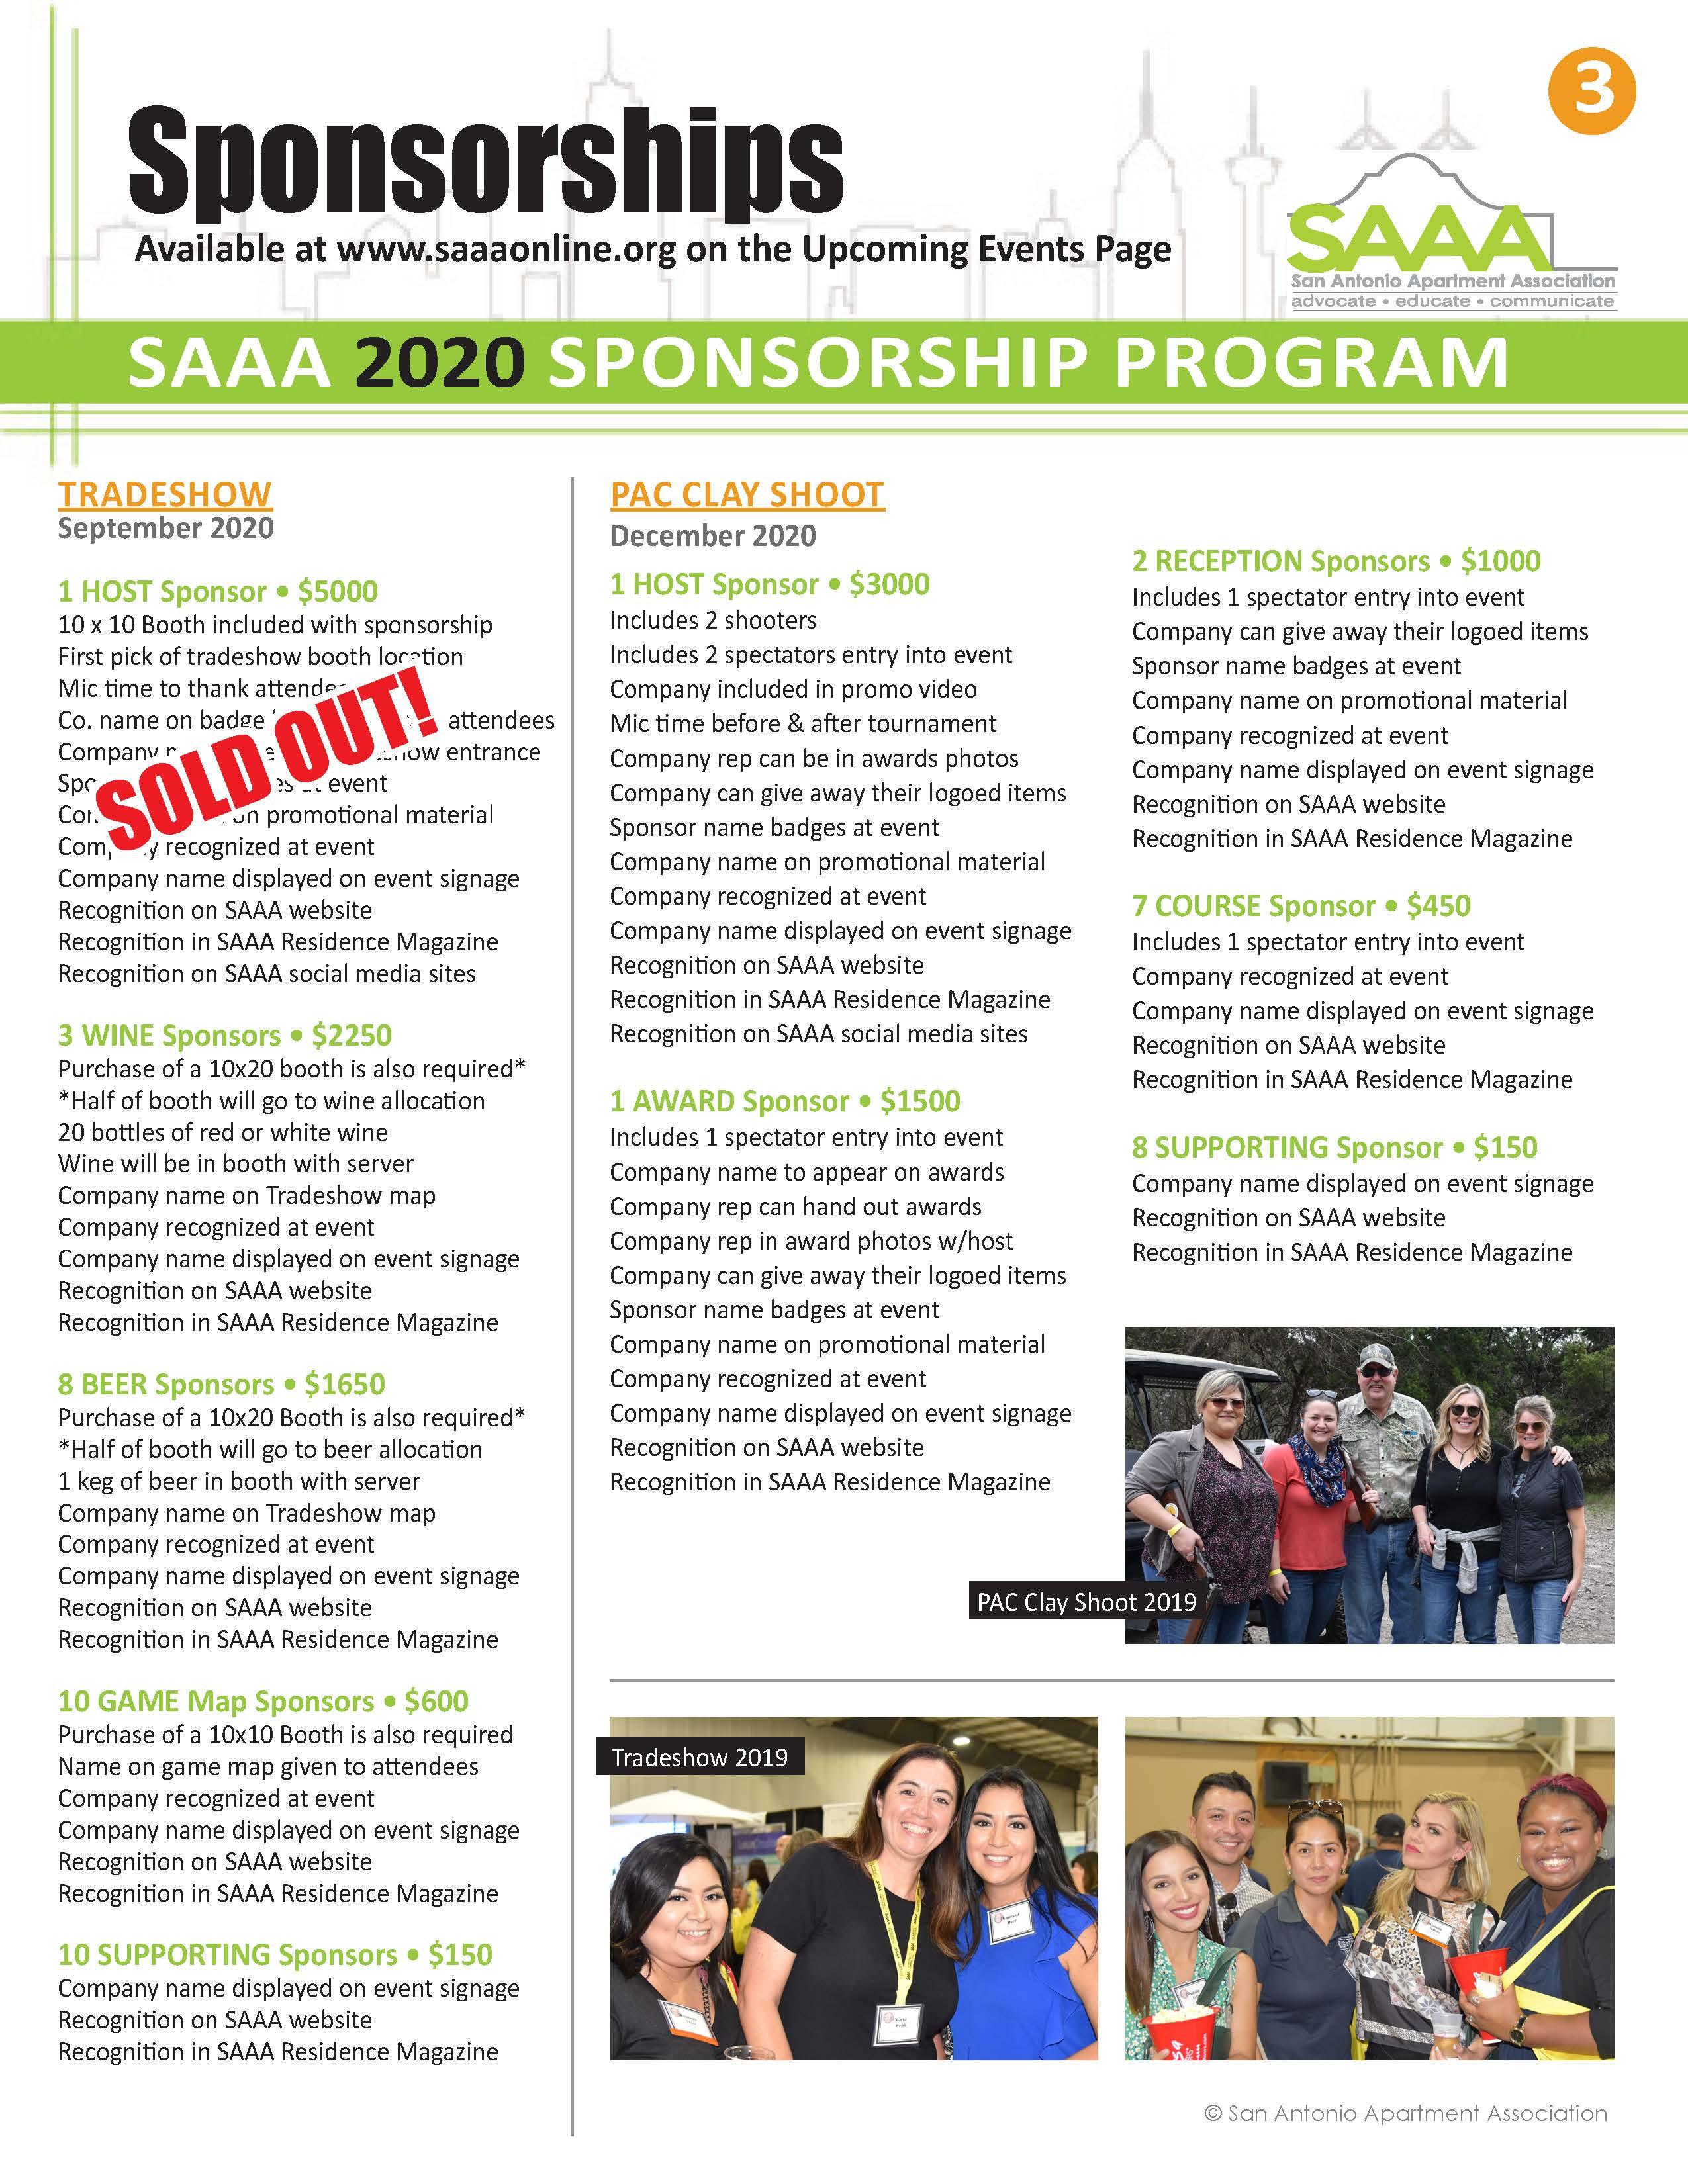 Sponsorship page 3